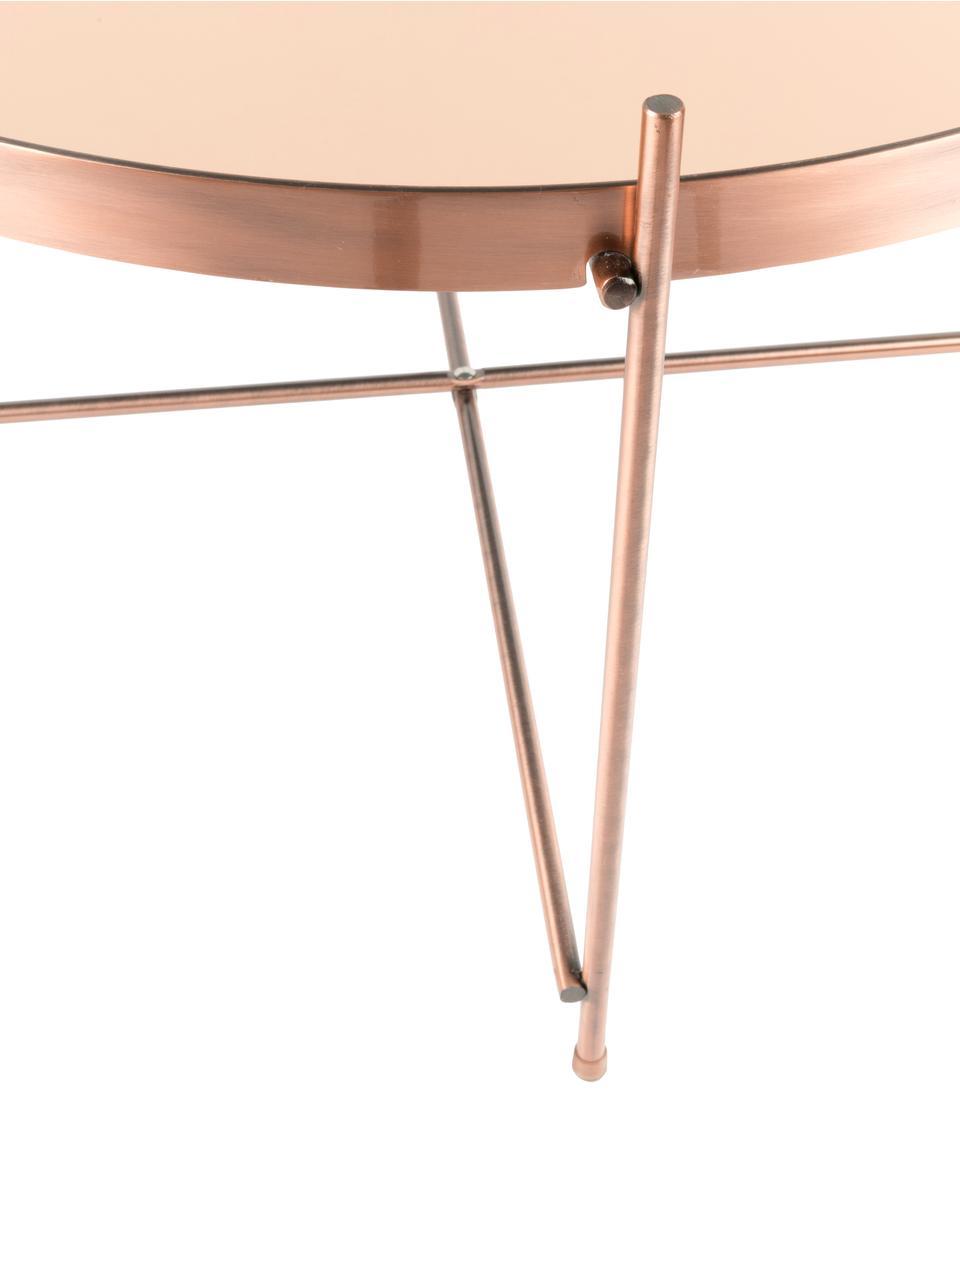 Kleiner Couchtisch Cupid mit Glasplatte, Gestell: Eisen, verkupfert, Tischplatte: Glas, Kupfer, Ø 63 x H 40 cm